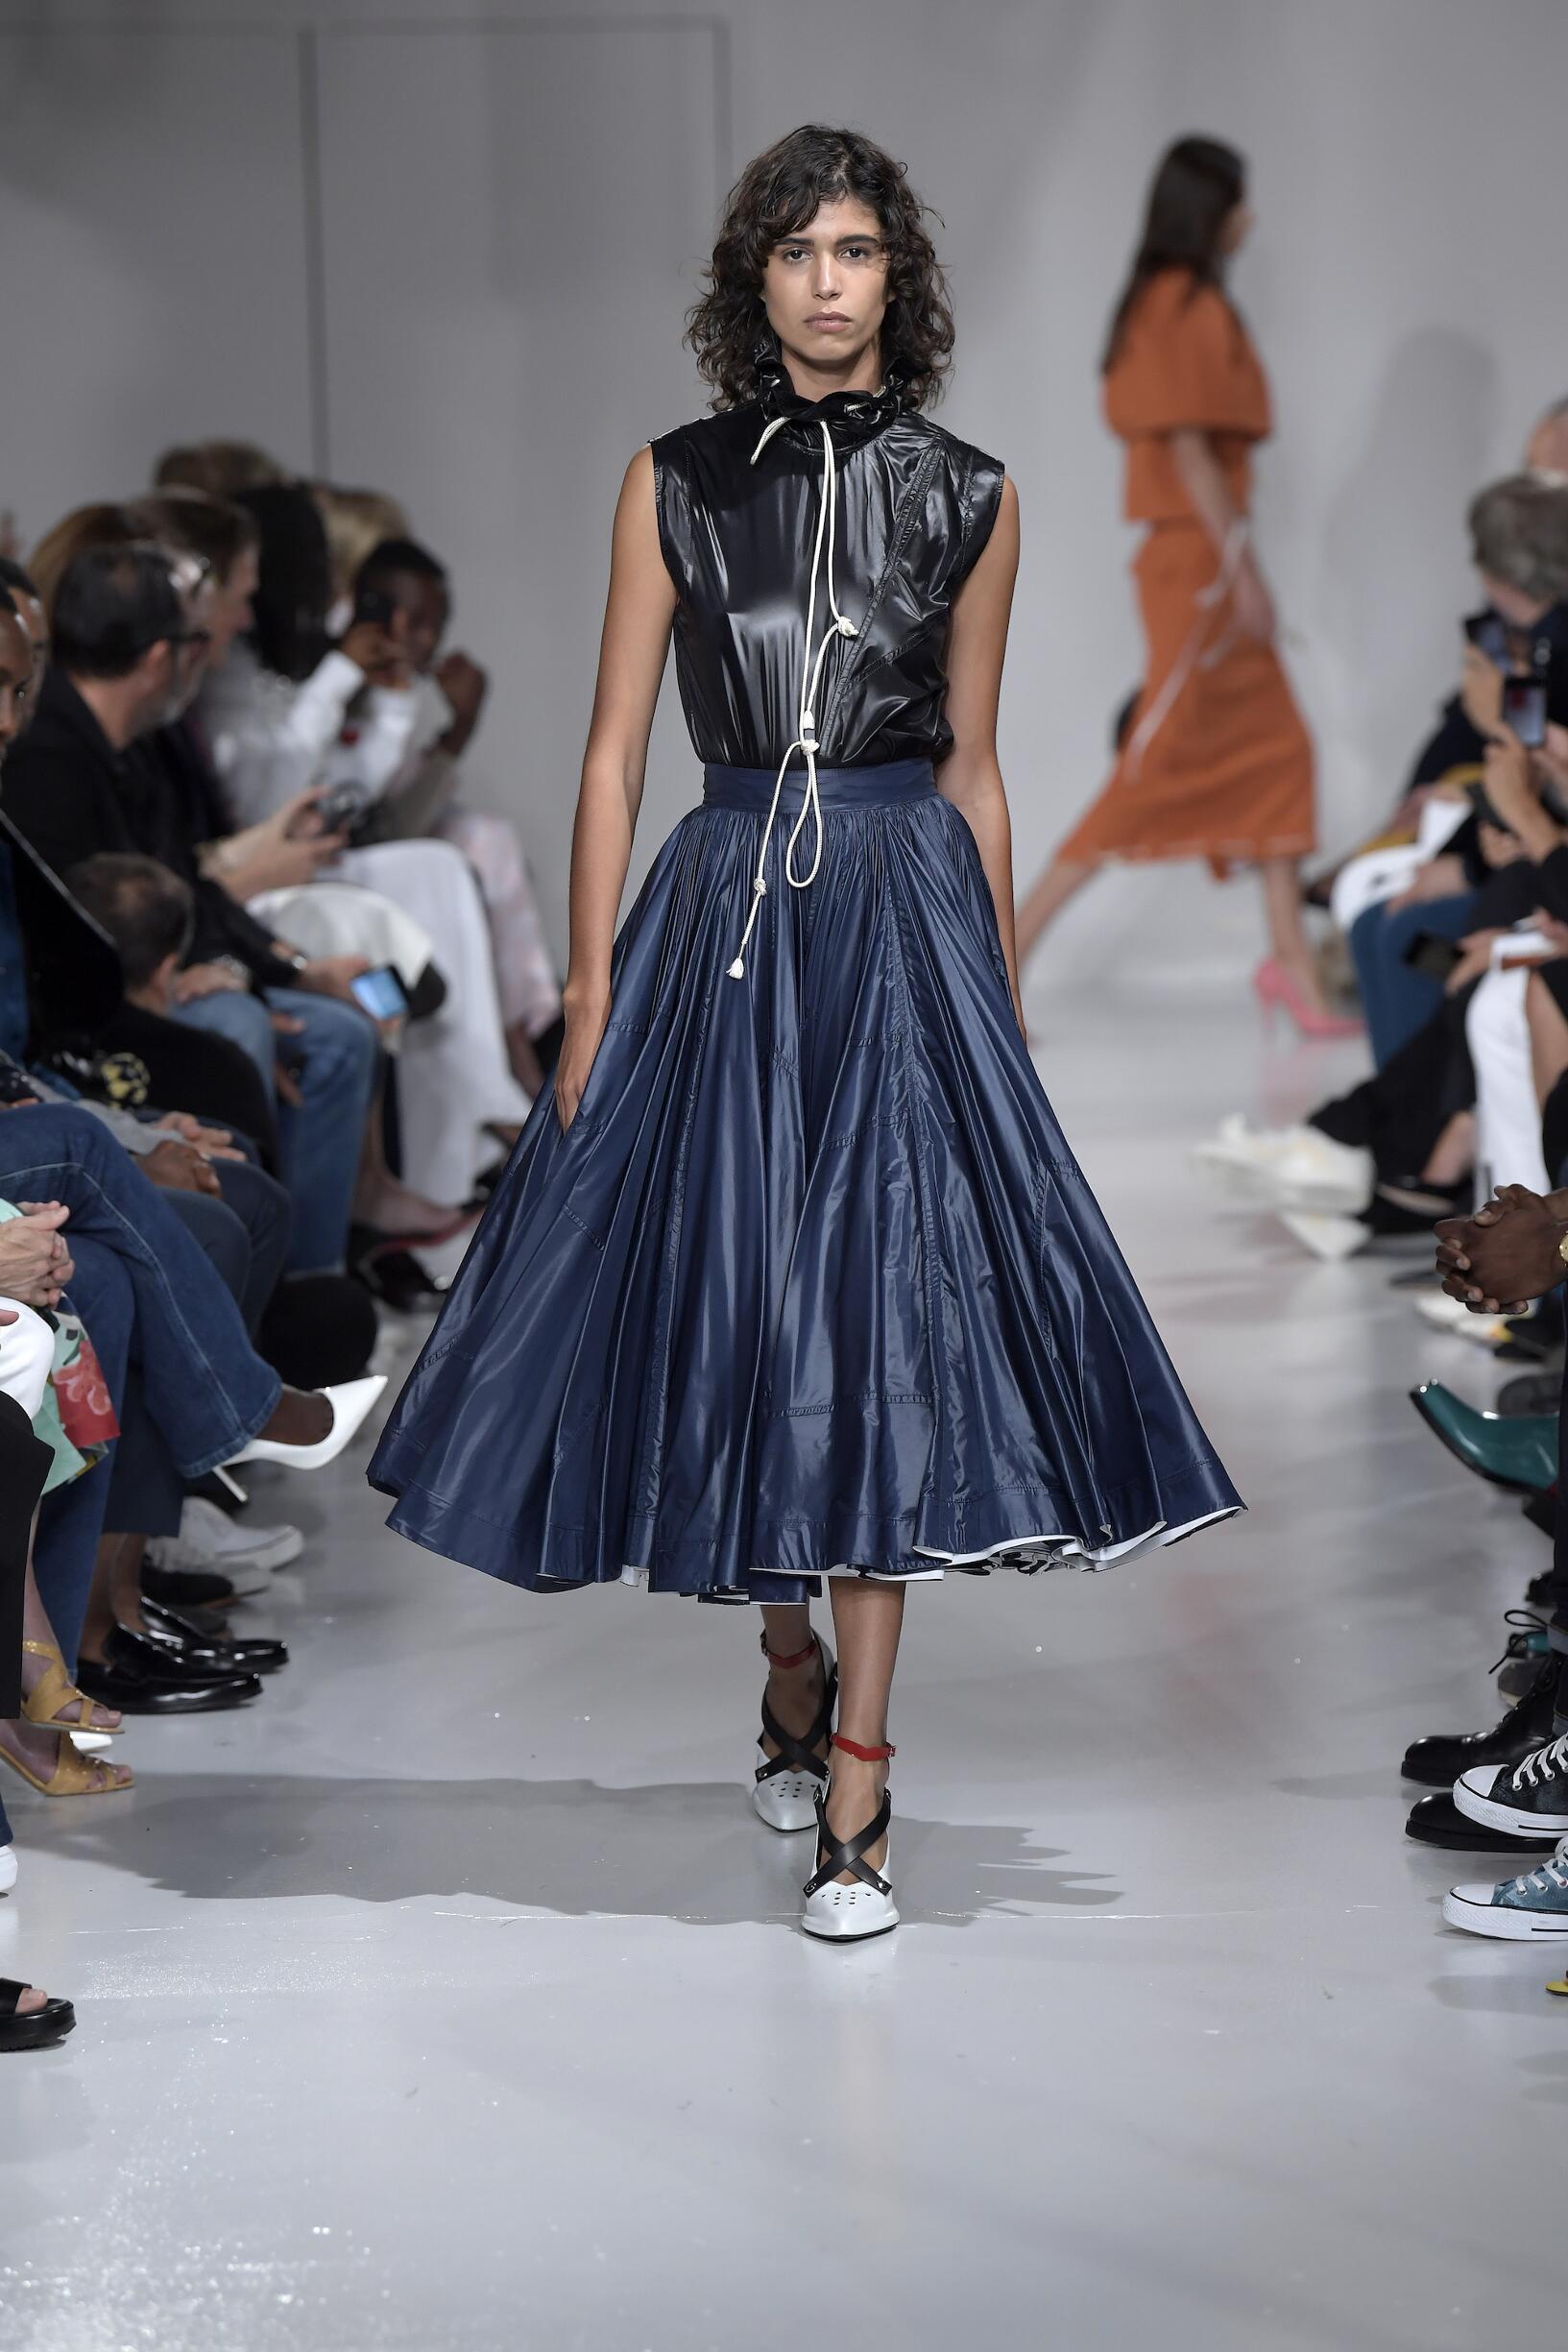 Fashion 2018 Catwalk Calvin Klein 205W39NYC Summer